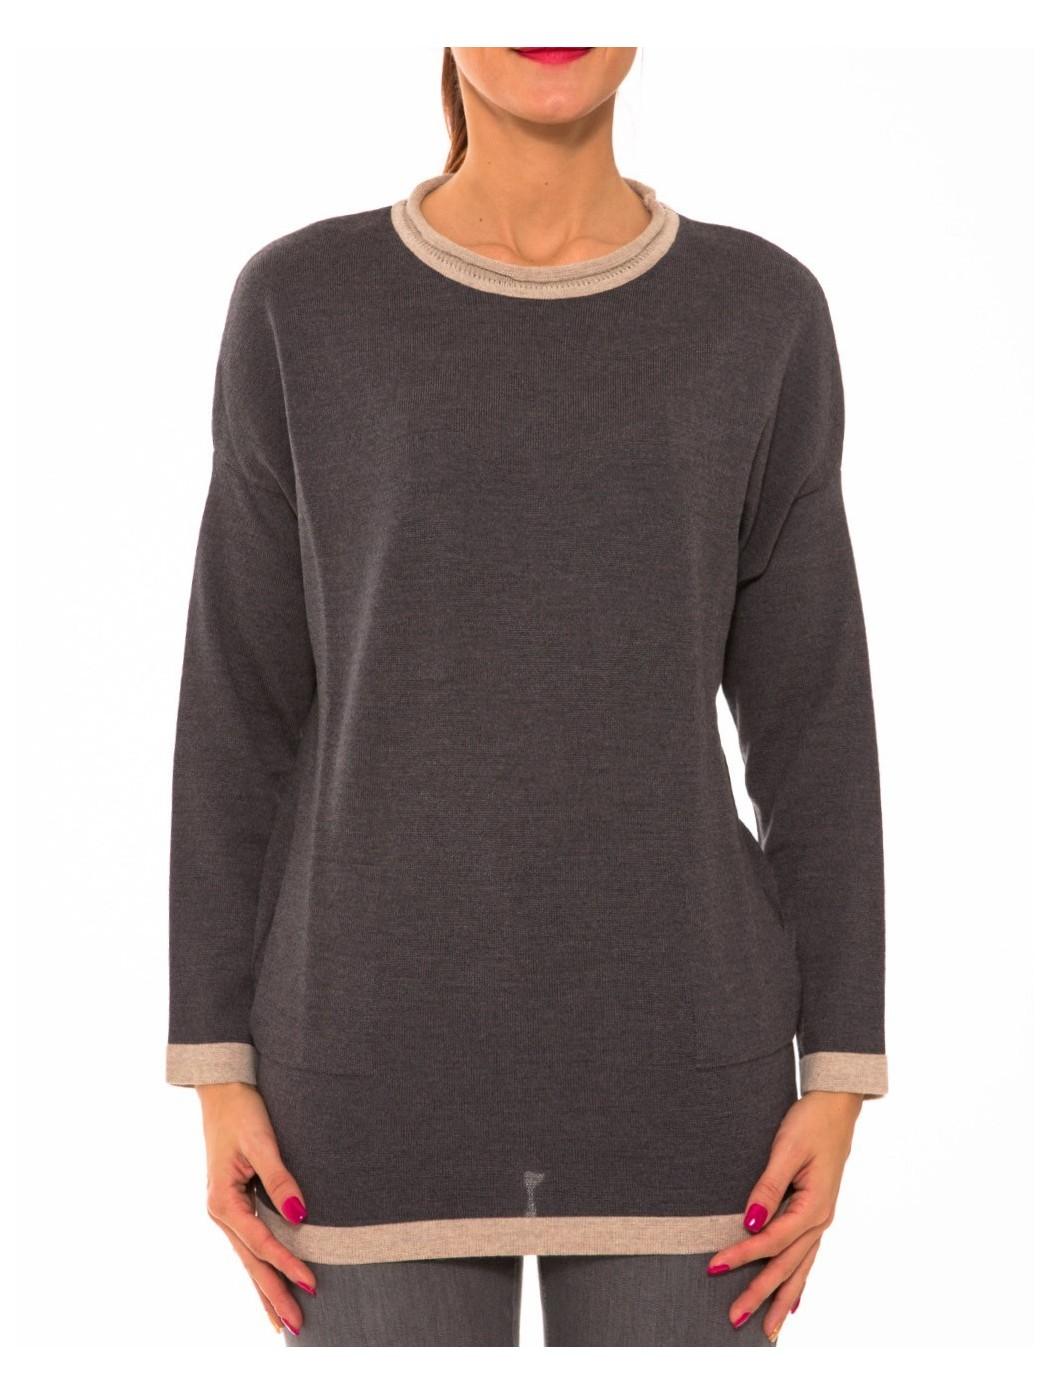 Calaluna sweater